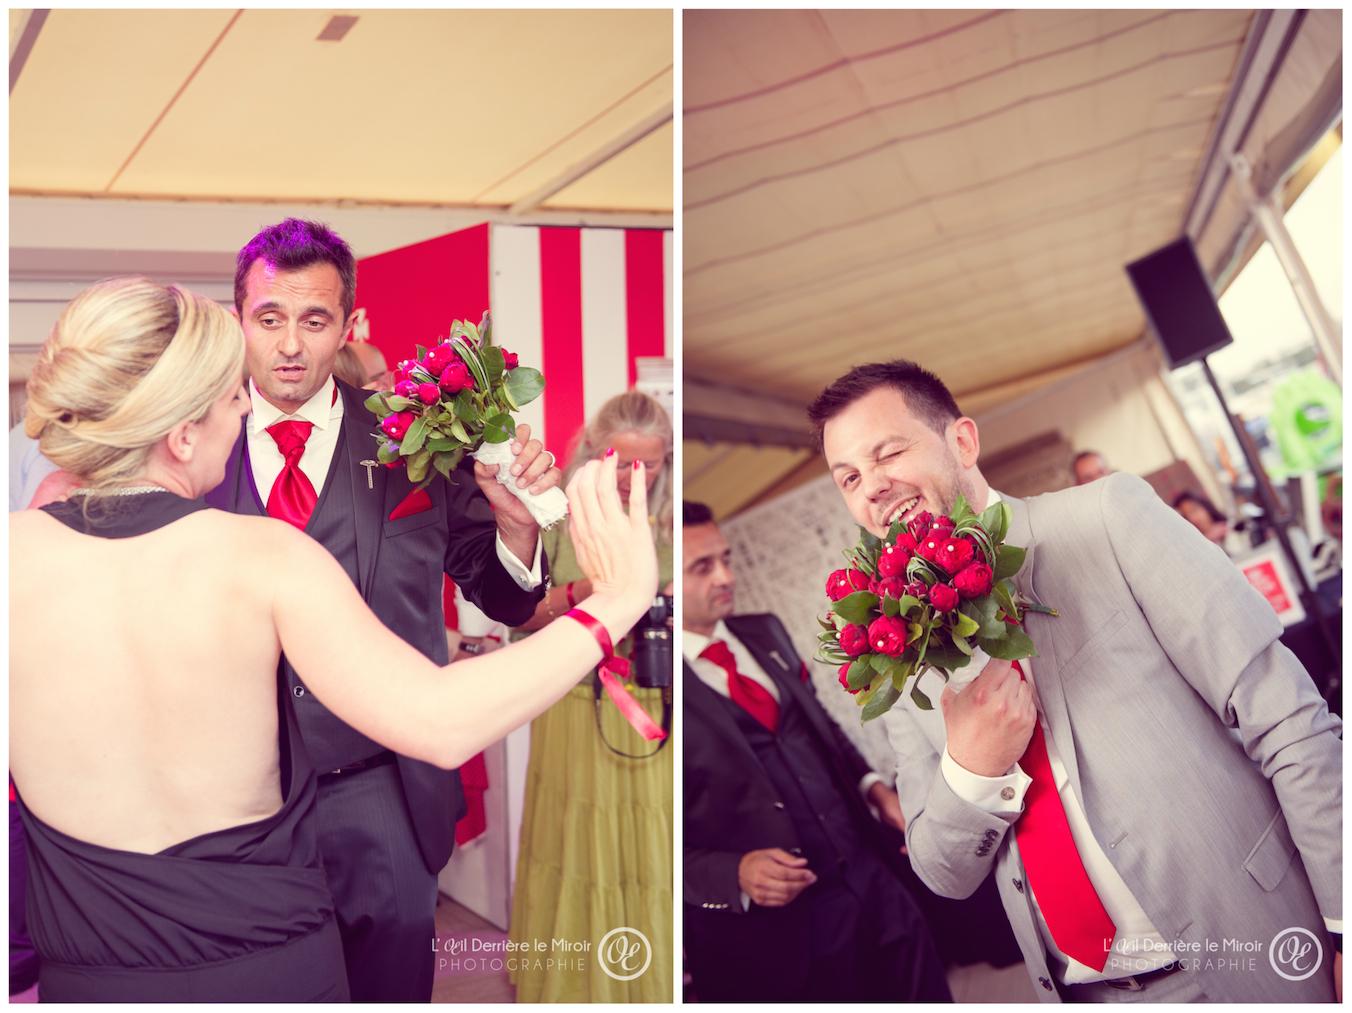 Photographe mariage la mandala Cannes  L'OEil Derrière le Miroir